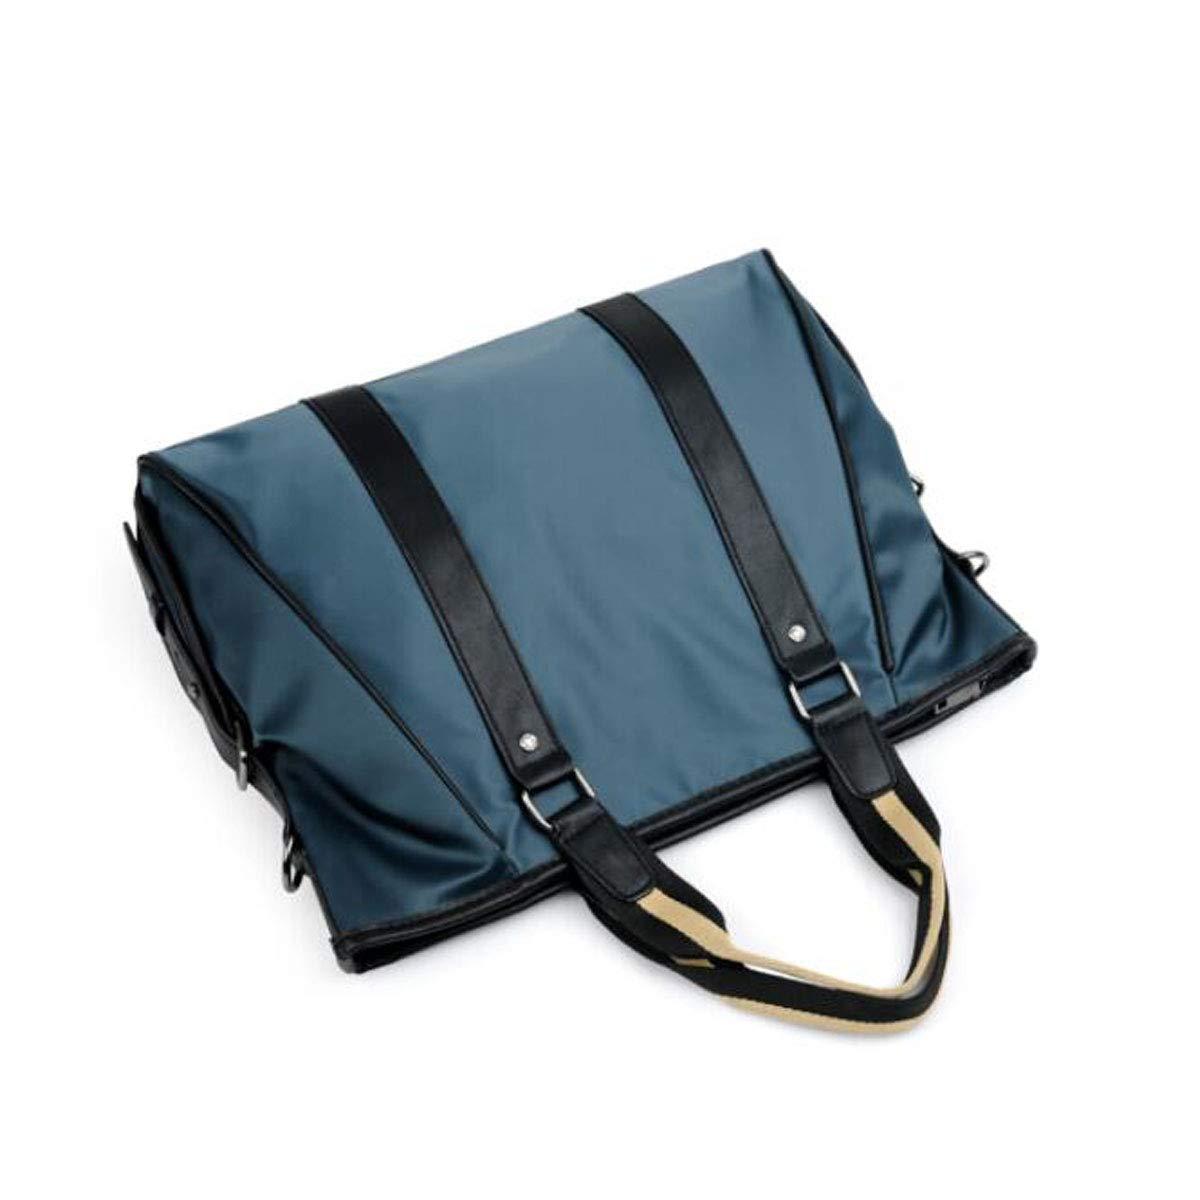 Hengxiang メッセンジャーバッグ、ラップトップブリーフケース、新しいポータブルメンズビジネストート、ブラックとブルー、サイズ:37830cm ビジネスオフィスメッセンジャーバッグ(色:ブルー)   B07PBVGNND